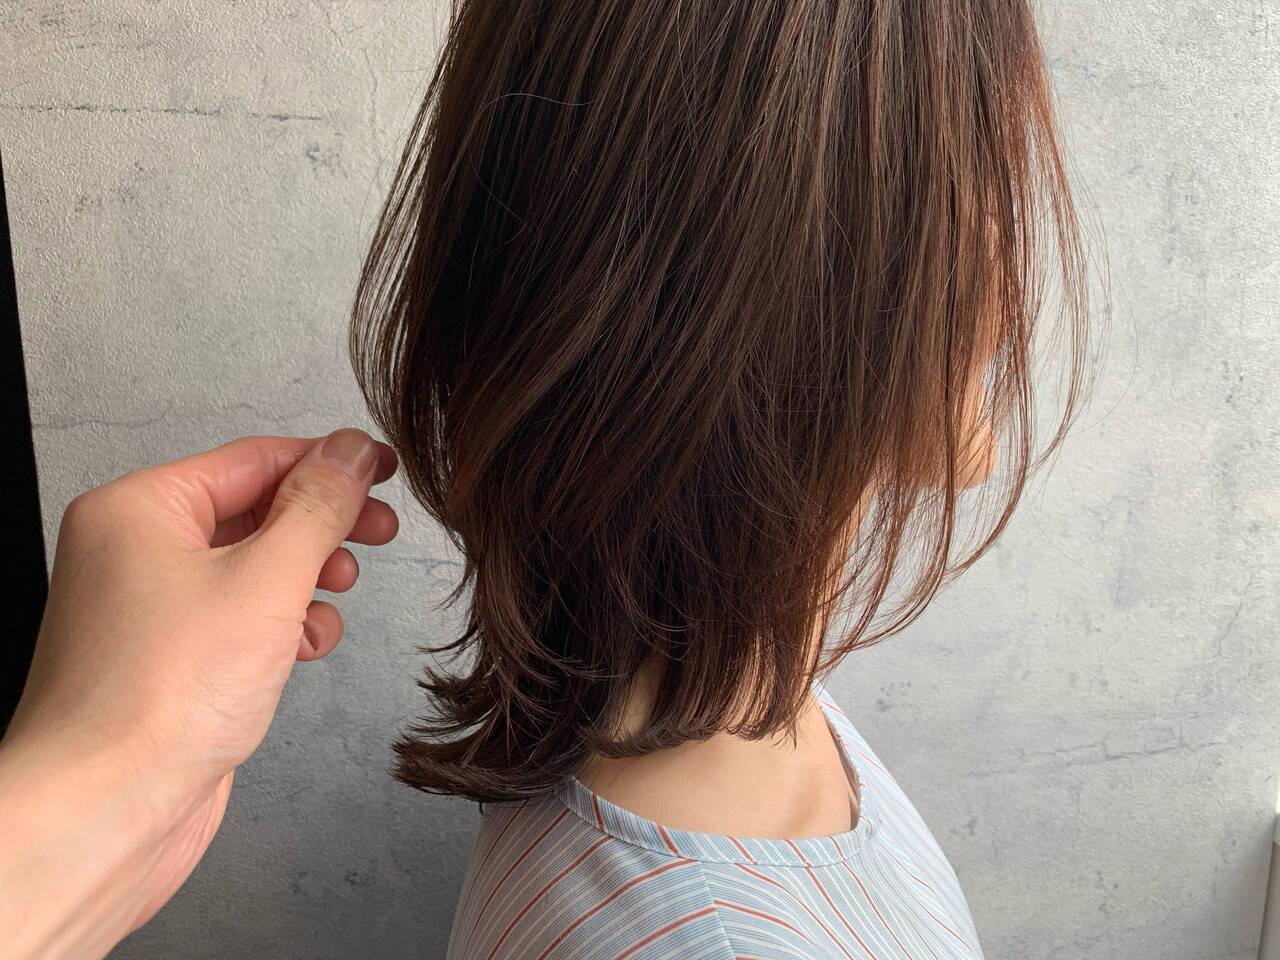 ニュアンスウルフ ナチュラル ミディアム ナチュラルウルフヘアスタイルや髪型の写真・画像